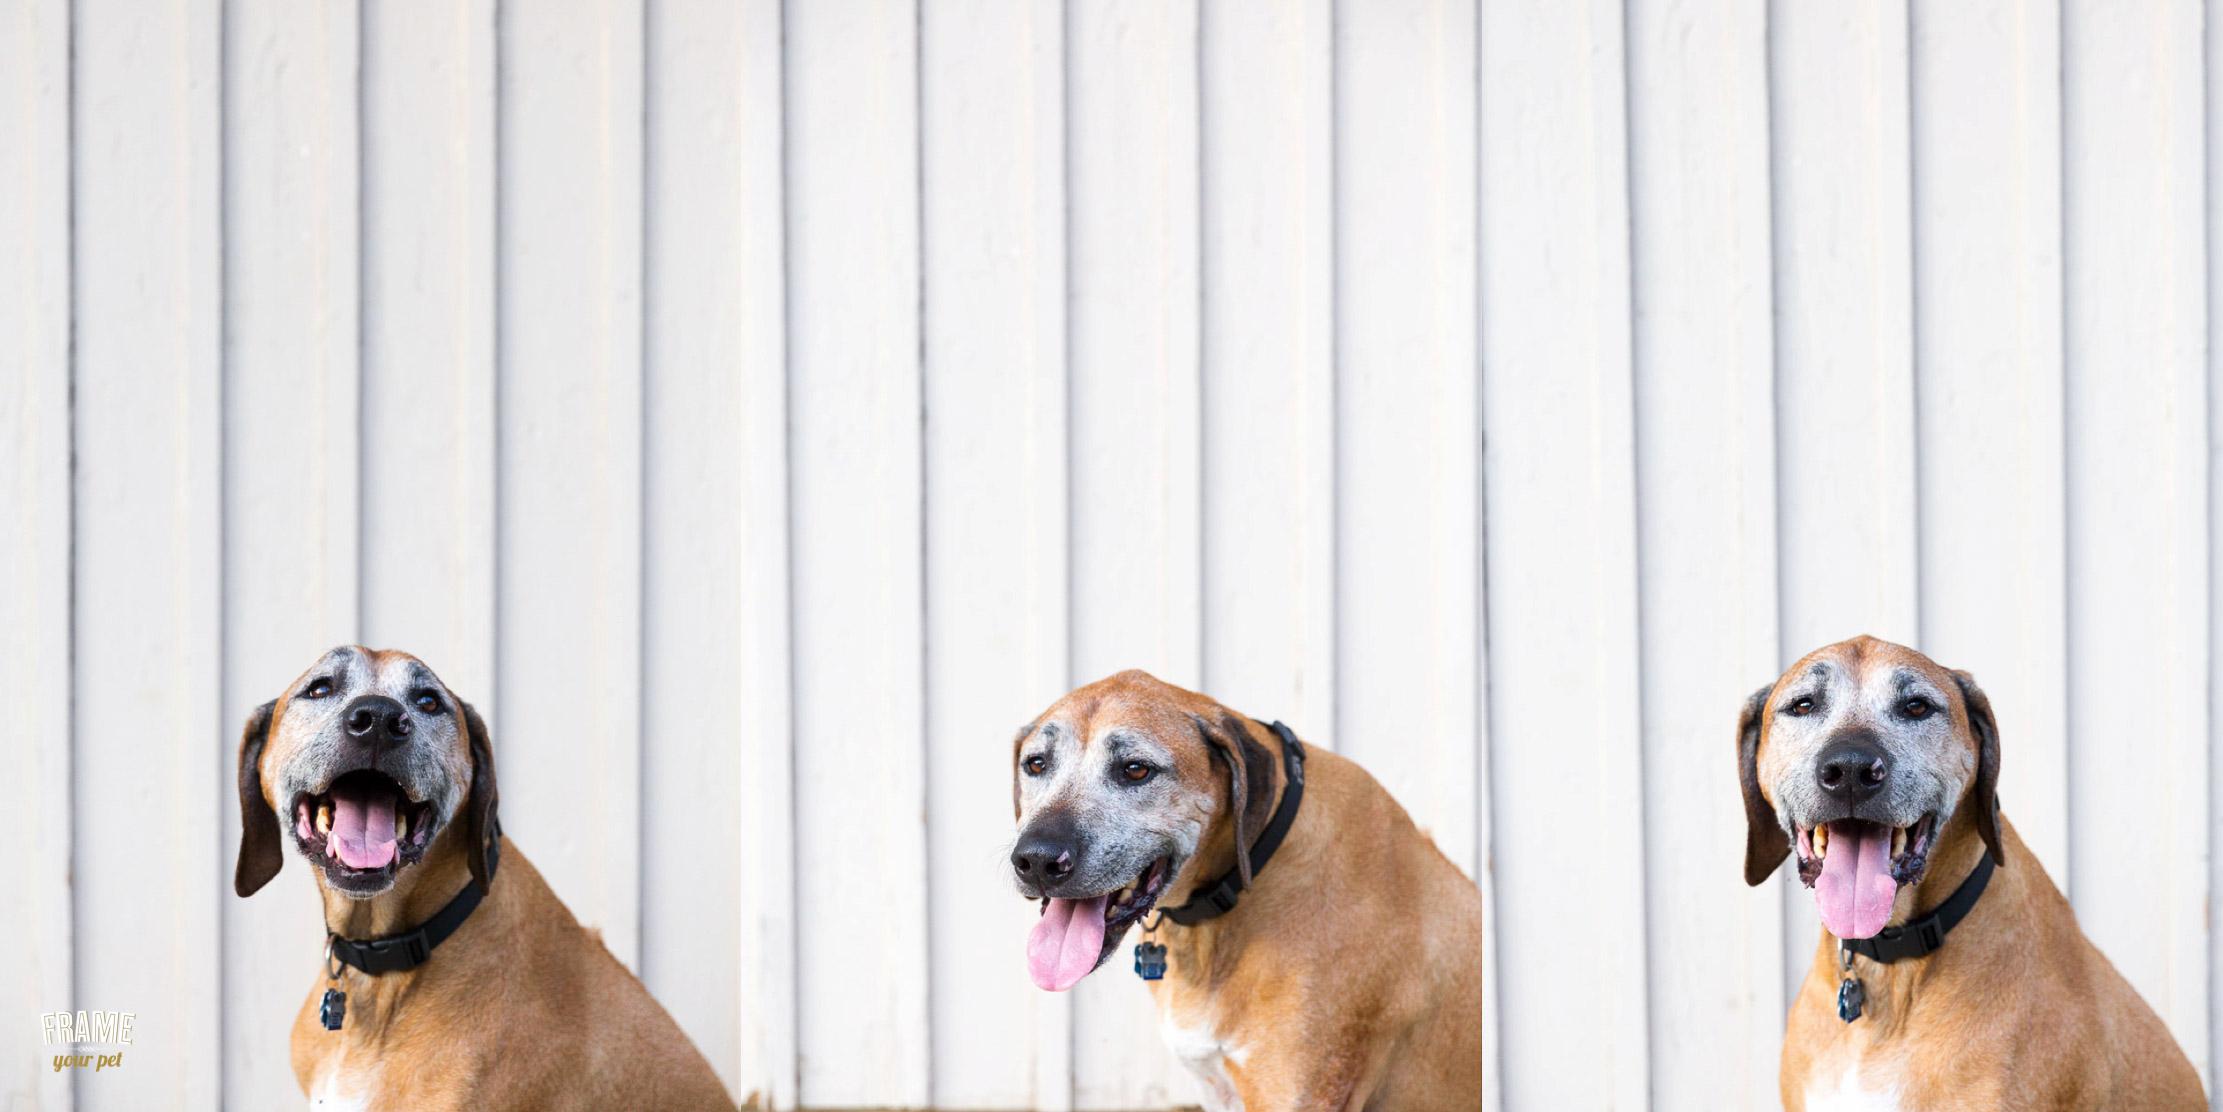 fun-photos-of-dogs